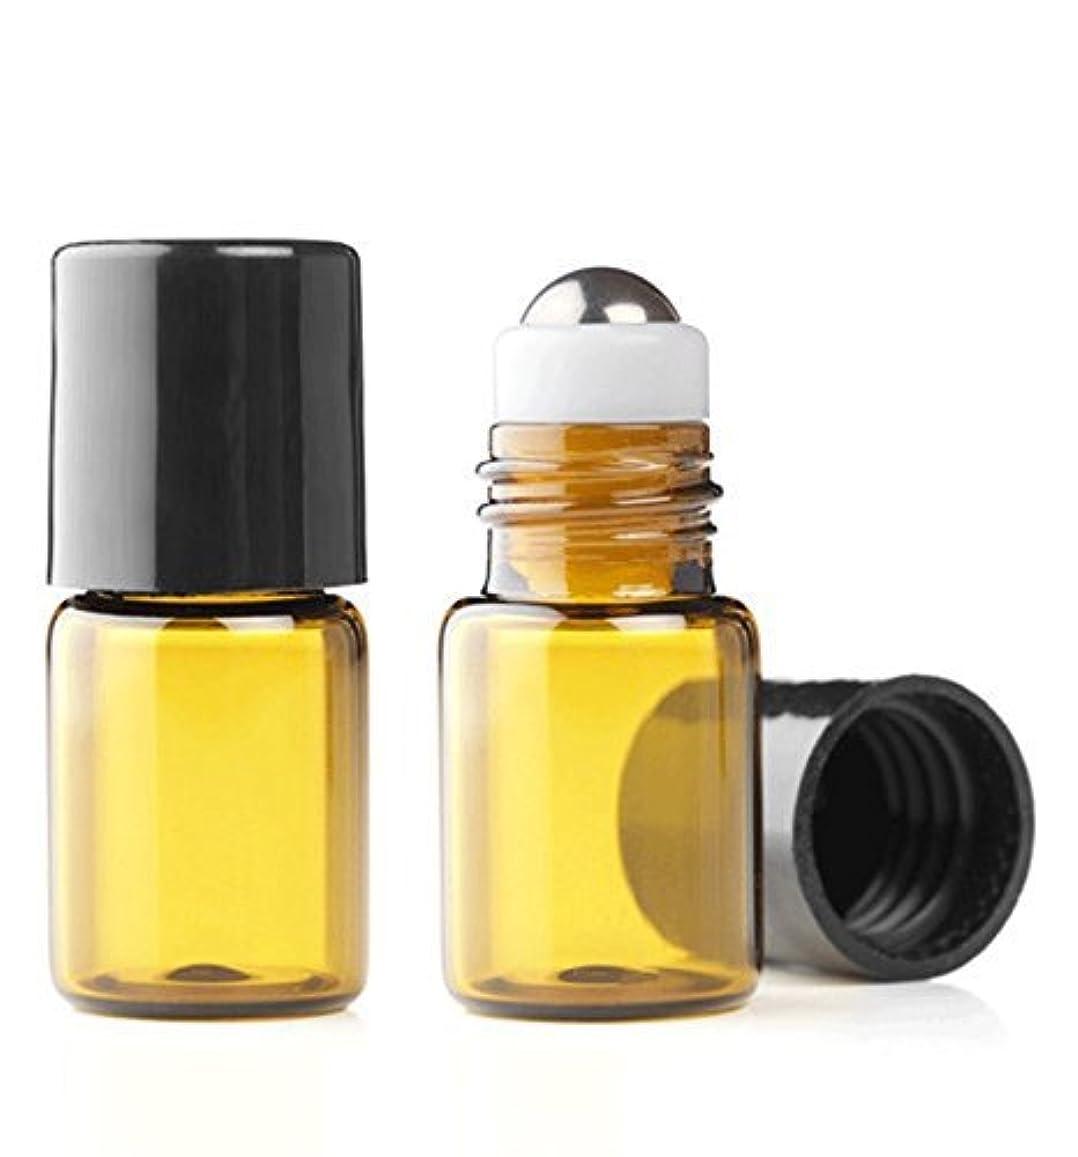 汚染ショッキング懇願するGrand Parfums Empty 2ml Amber Glass Micro Mini Rollon Dram Glass Bottles with Metal Roller Balls - Refillable...